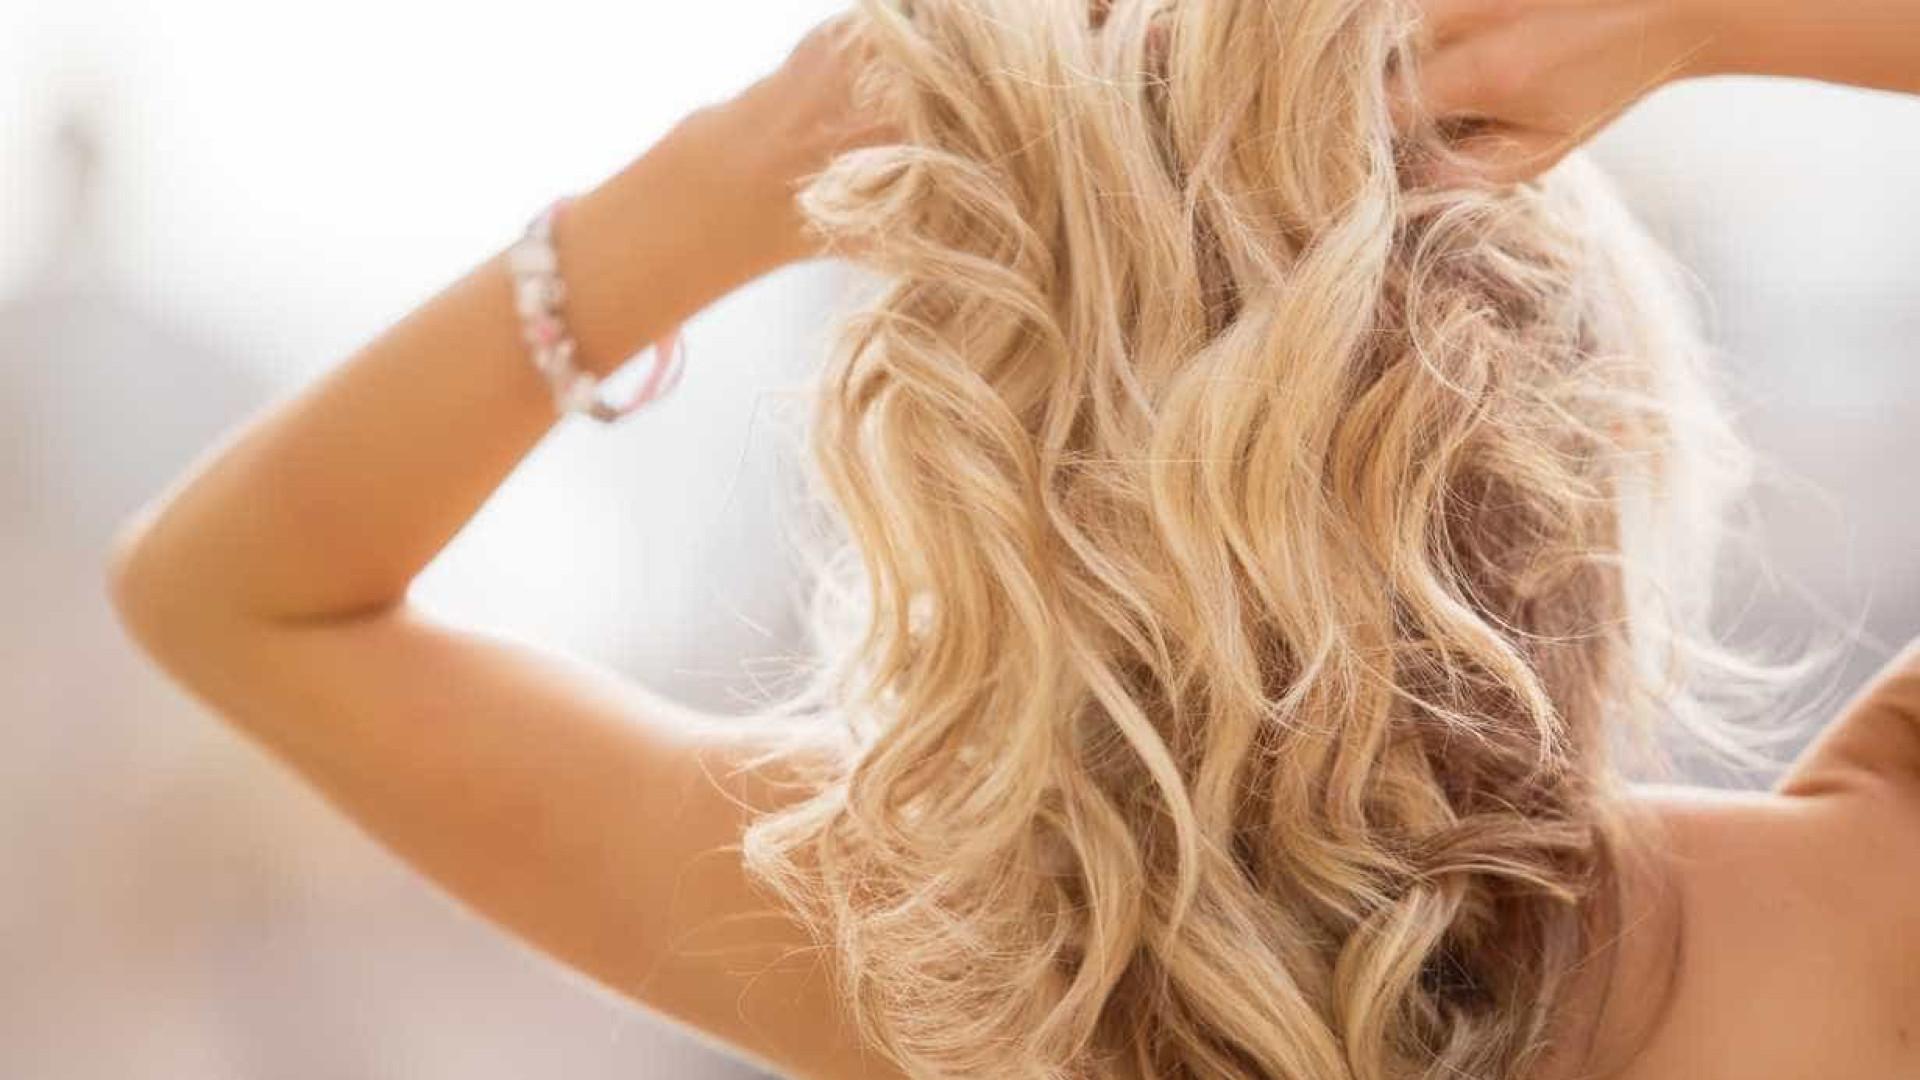 8 dicas para quem tem cabelo loiro